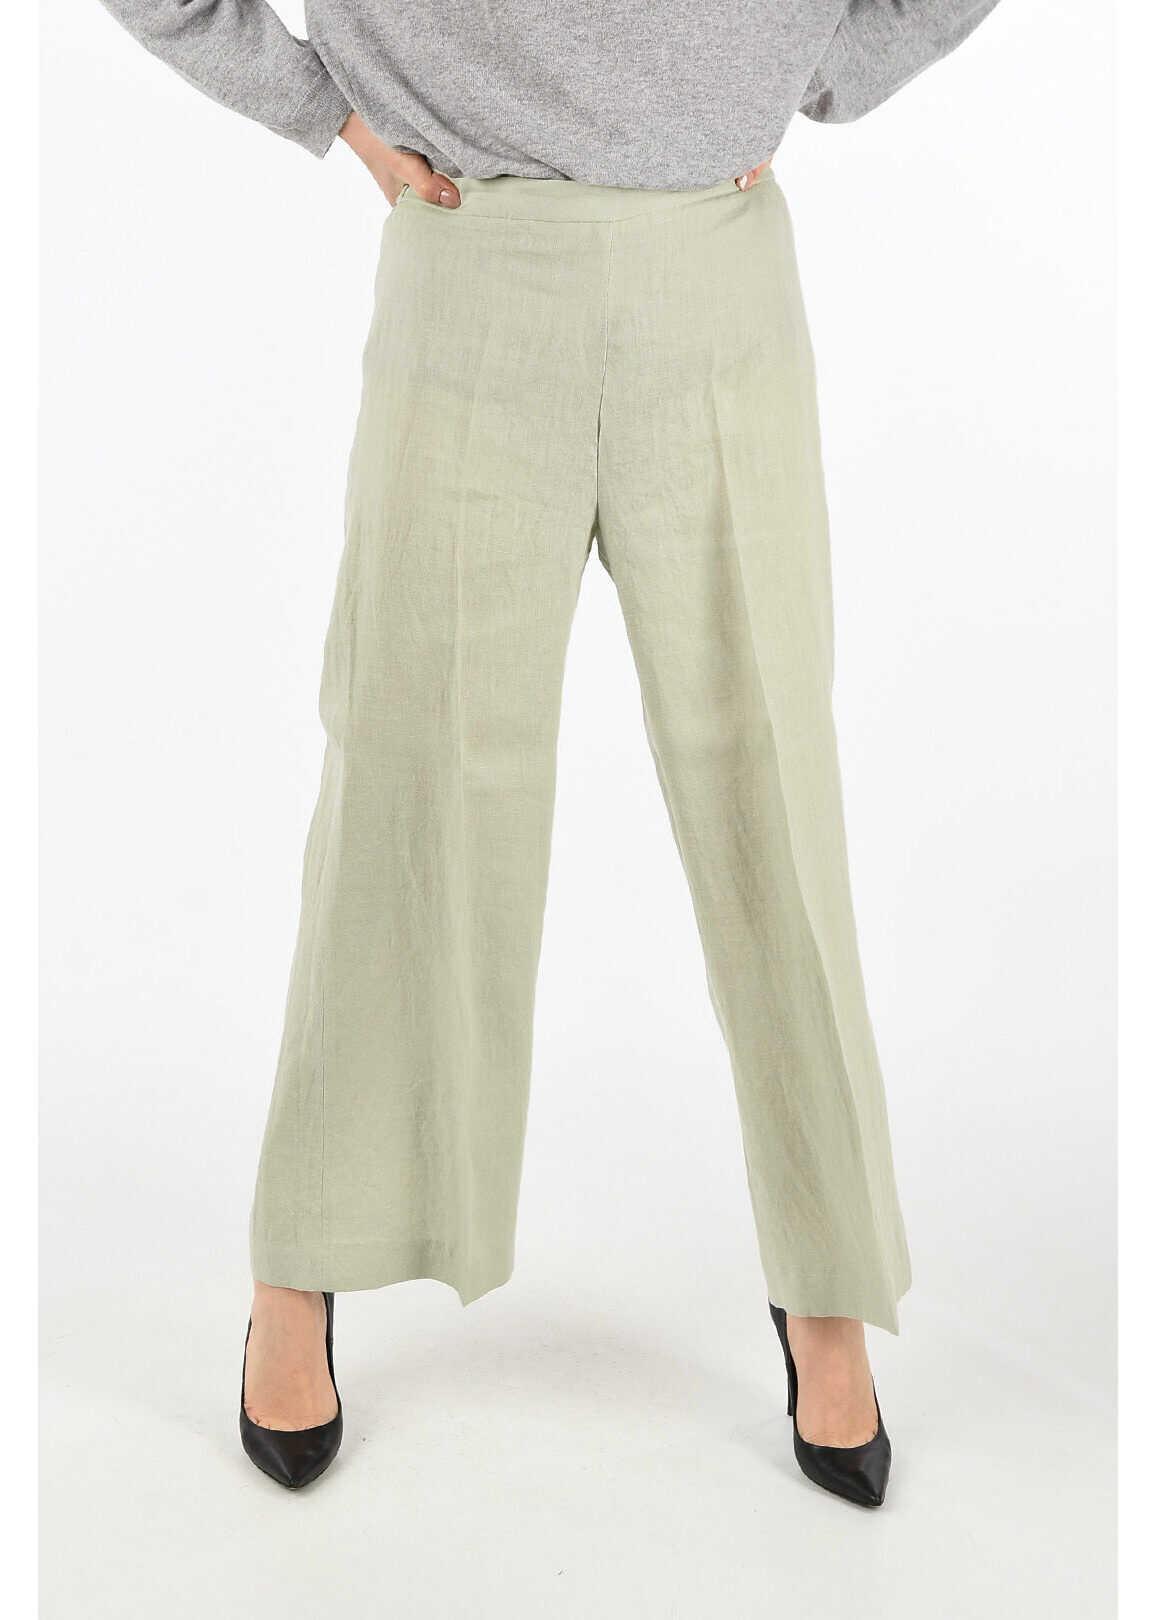 Fabiana Filippi flax pants GRAY